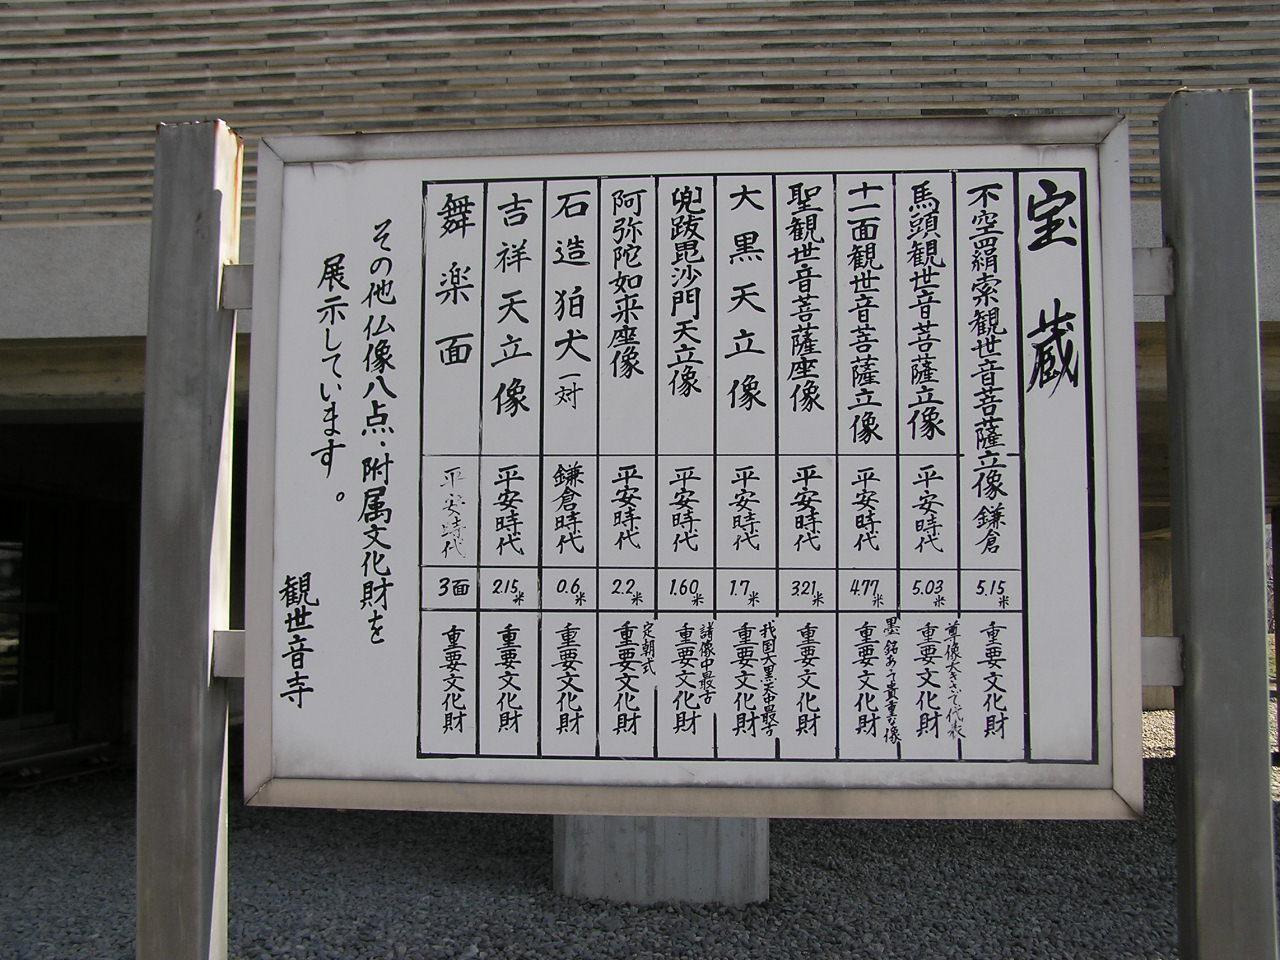 宝蔵内の仏像リスト